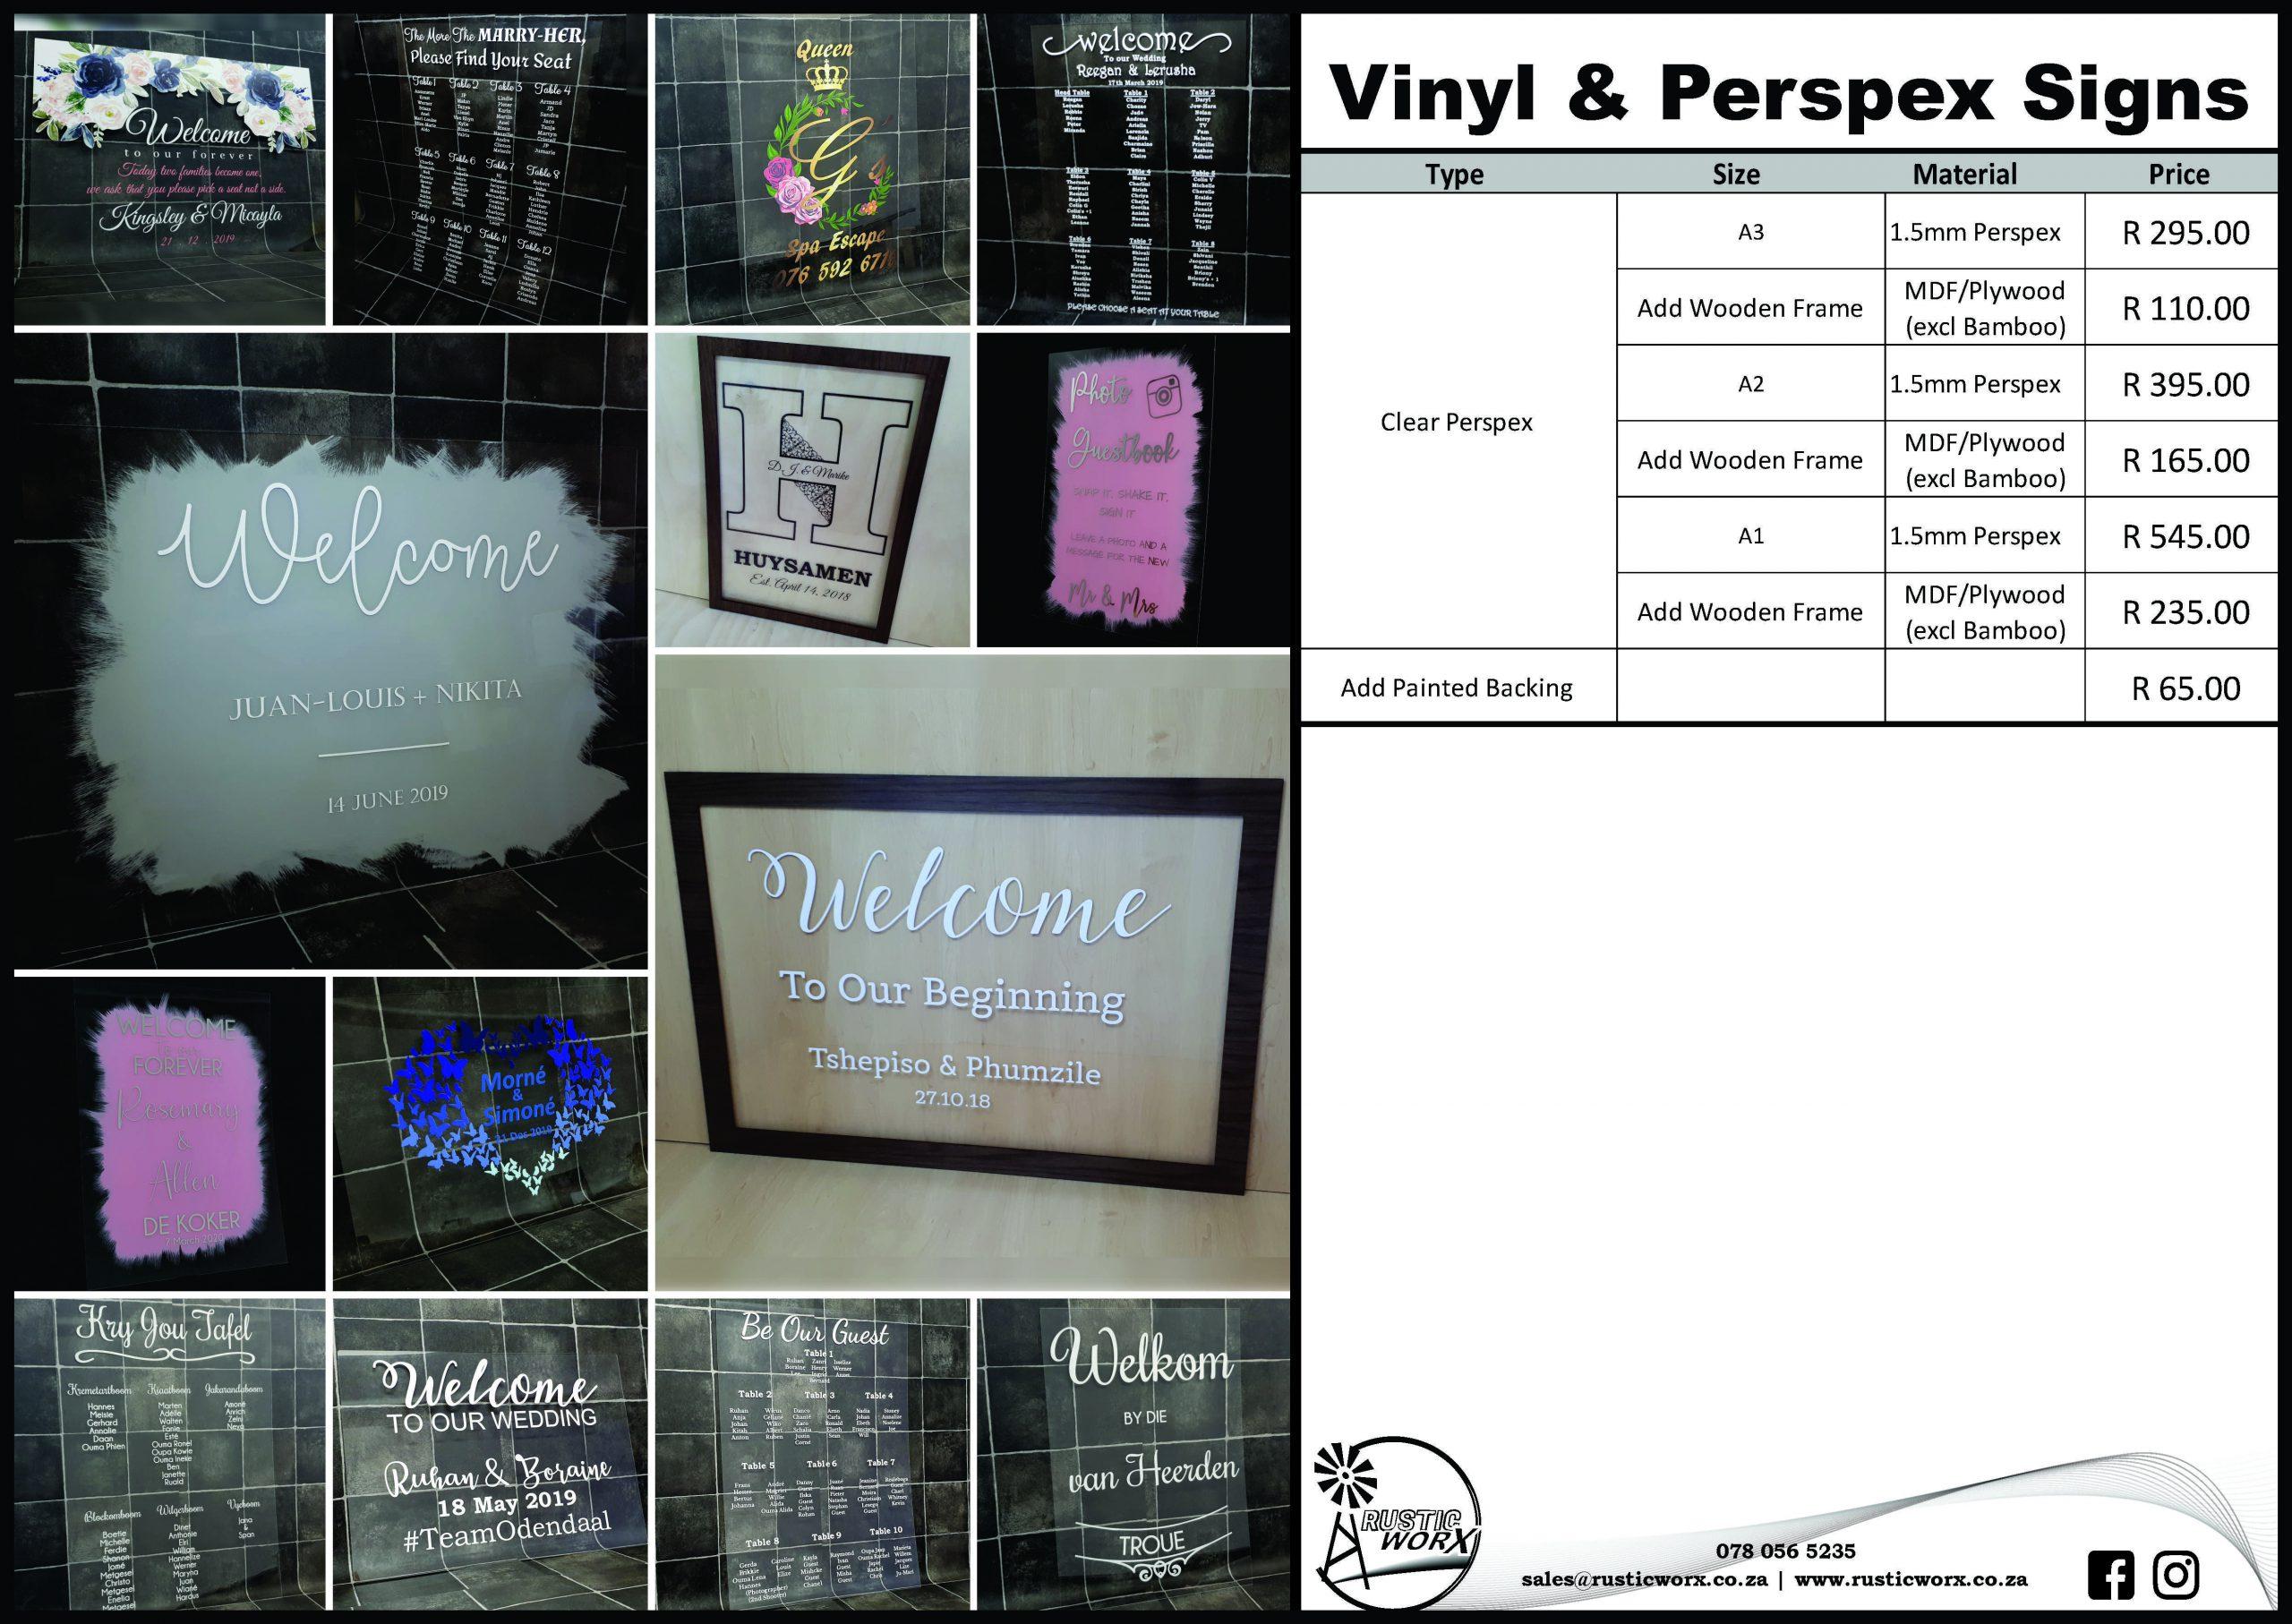 19.5 Signs Vinyl On Perspex Signs